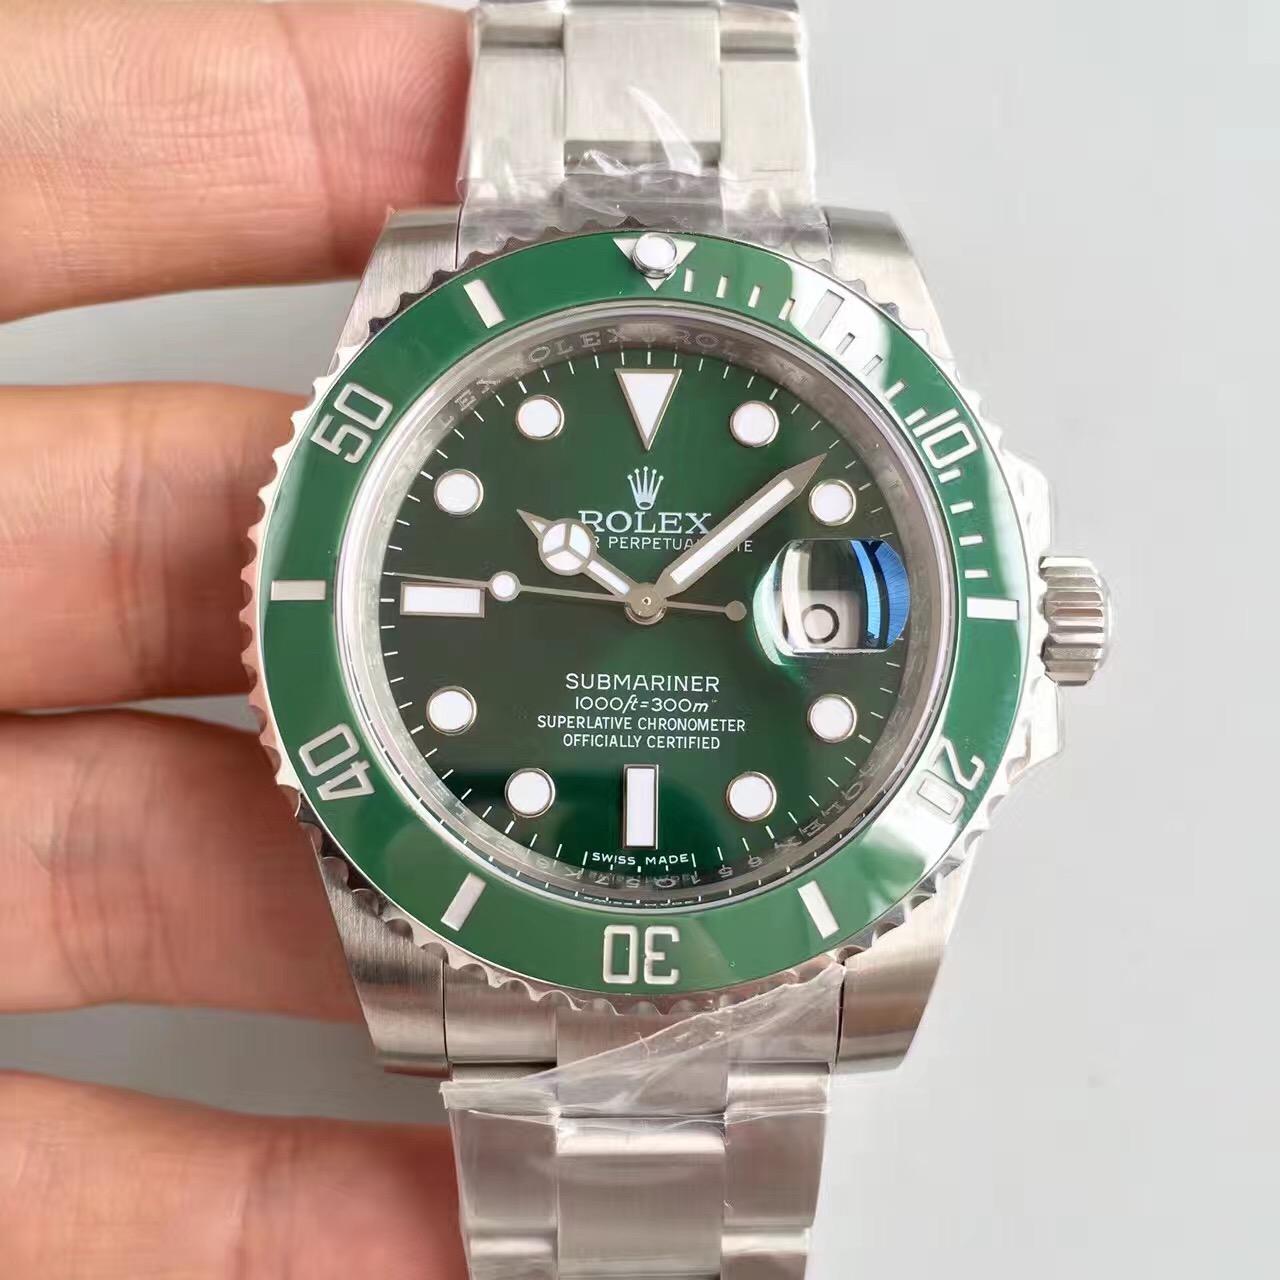 n厂劳力士绿水鬼v7版SUB潜航者系列116610LV,男士手表。v7已停产,可购买v8升级版